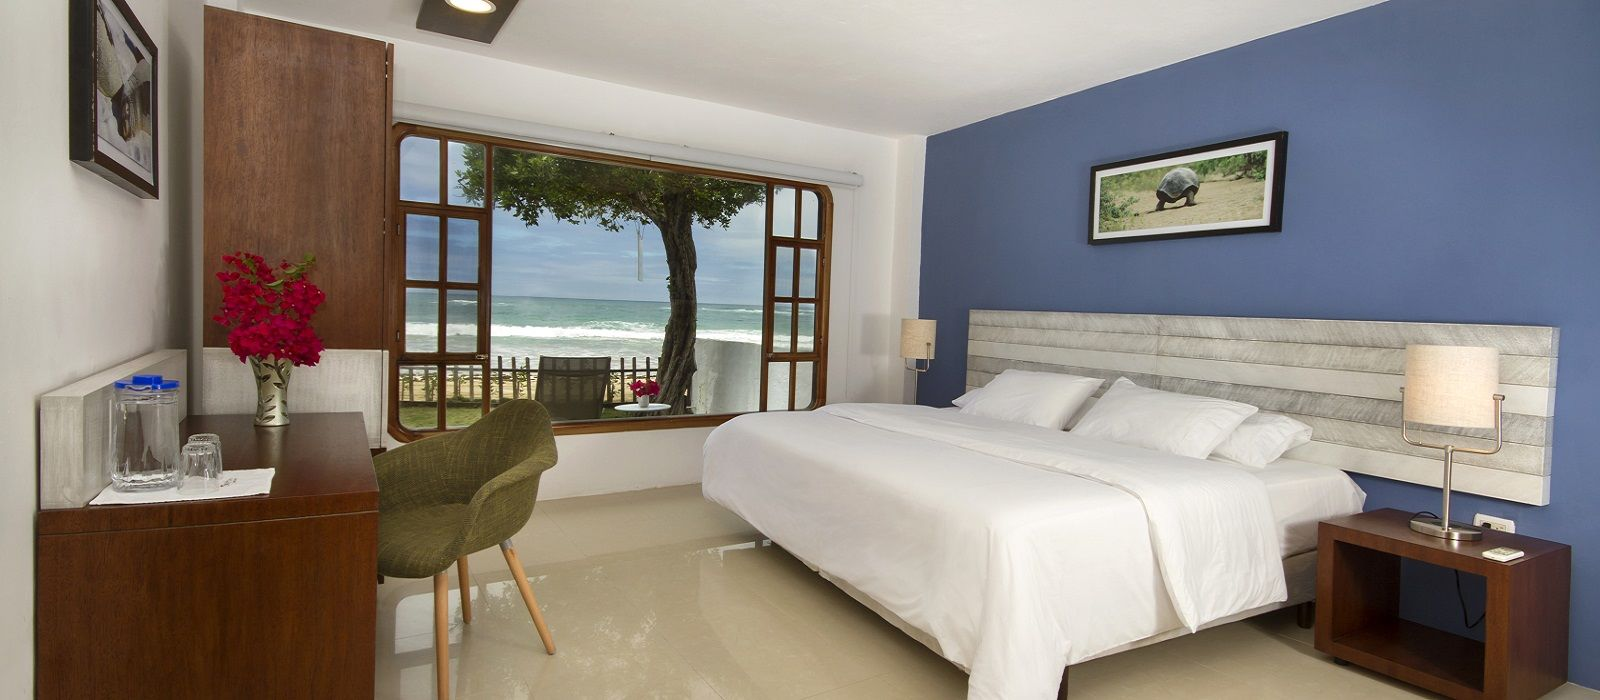 Hotel Casita de la Playa Ecuador/Galapagos